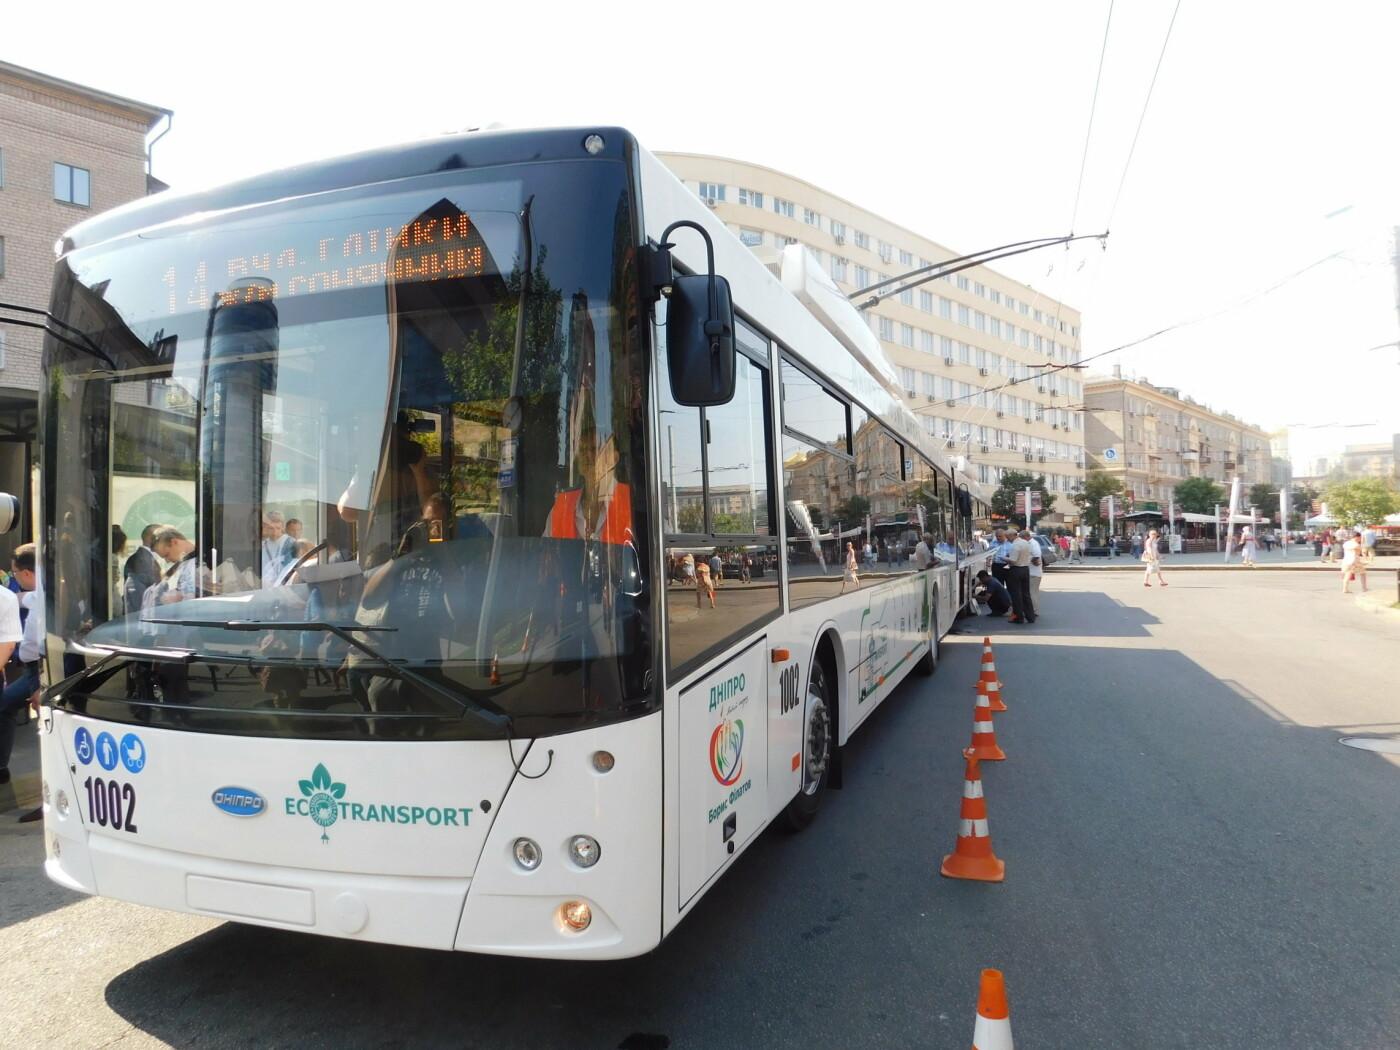 fedf7efe55c8d Жители ежедневно жалуются на качество самого транспорта, а также на  поведение водителей. При этом проезд в маршрутках ...